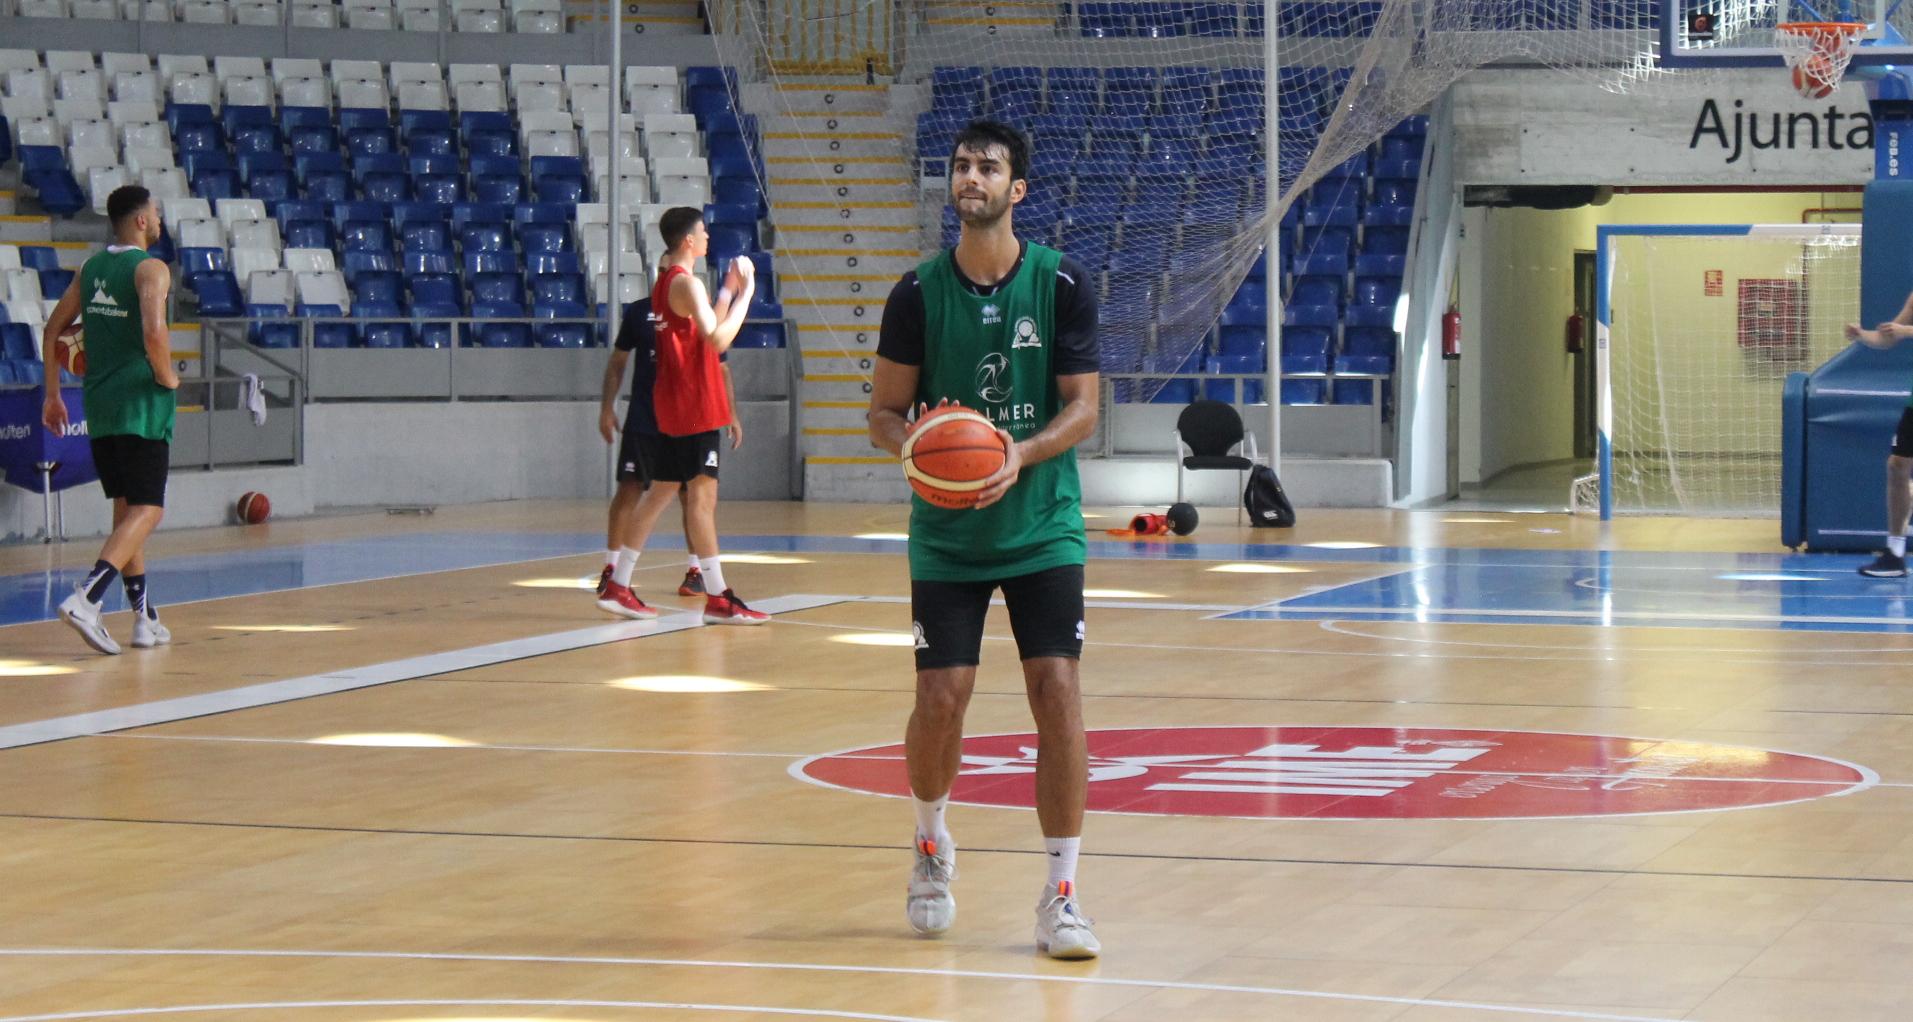 Primeras impresiones positivas de Jacobo Díaz en Mallorca